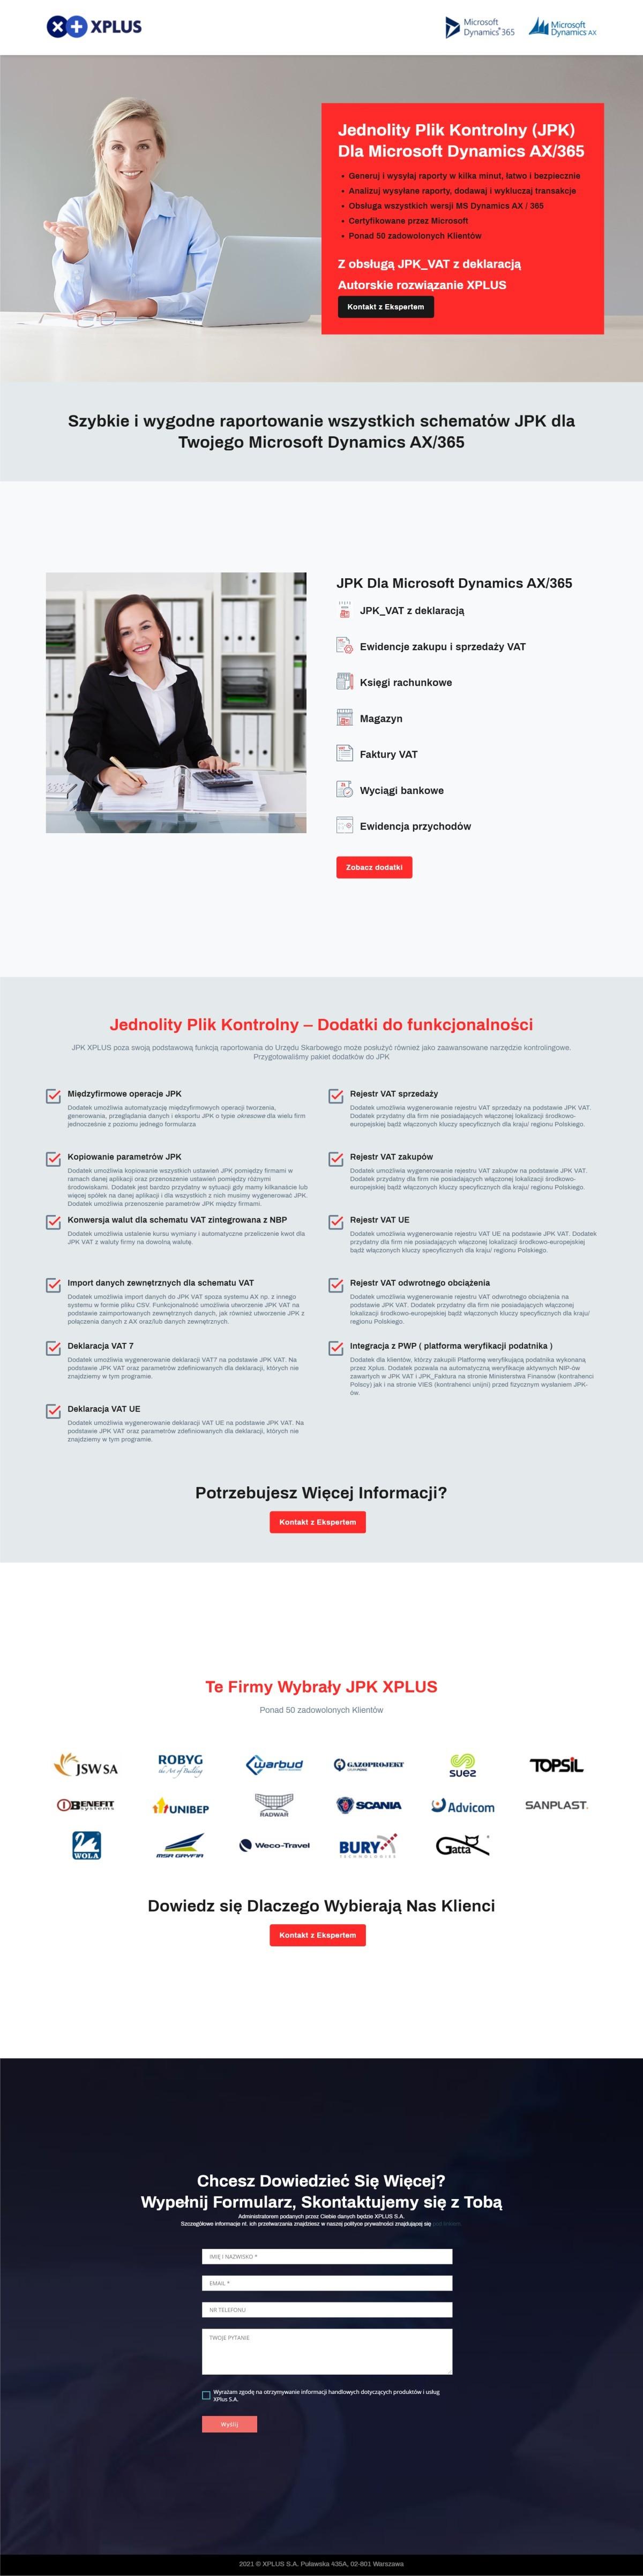 Tworzenie Landing Page. Oferowanie Oprogramowania Dla Firm